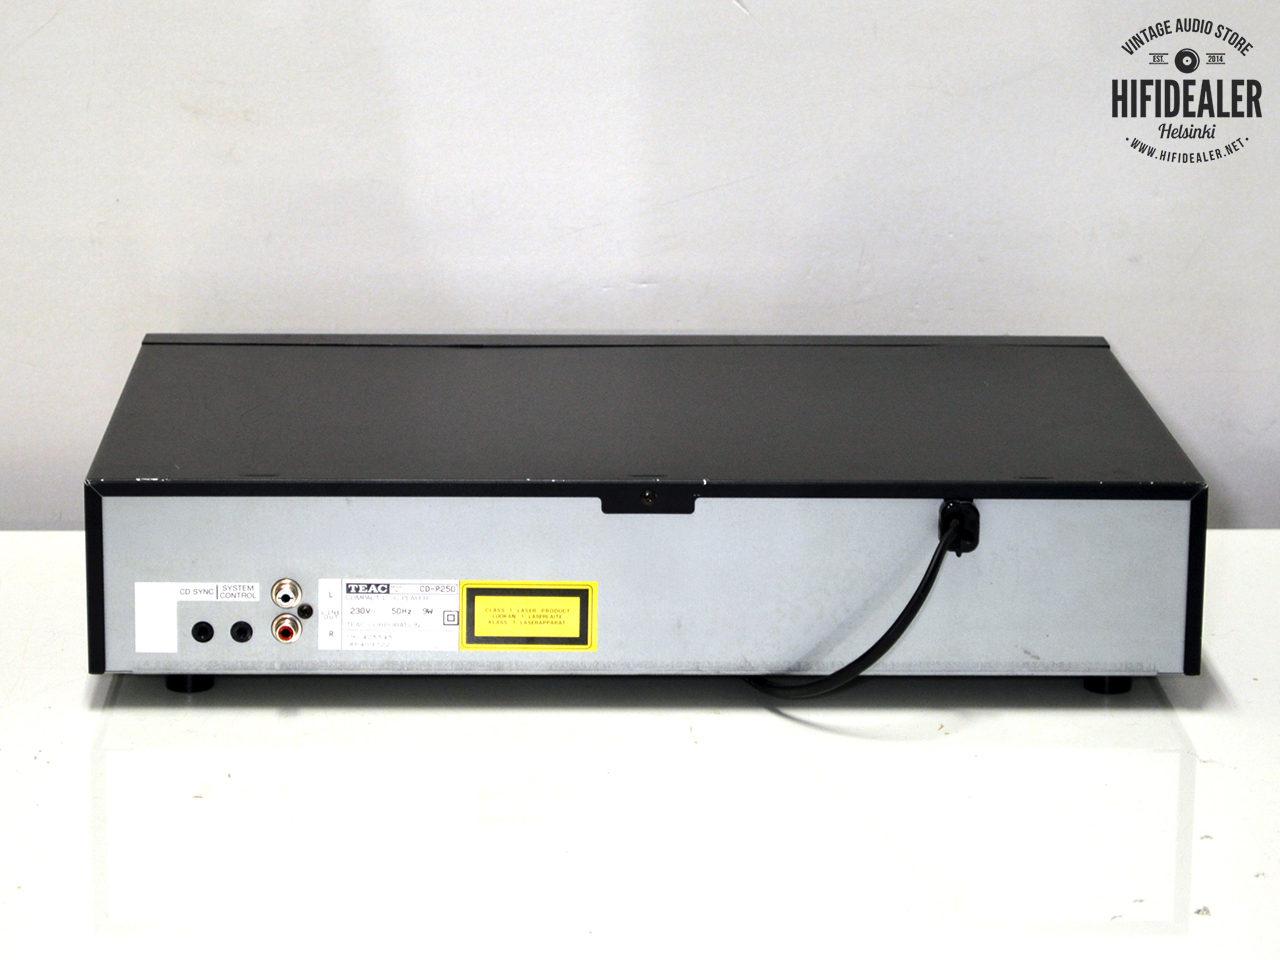 teac-cd-p250-2